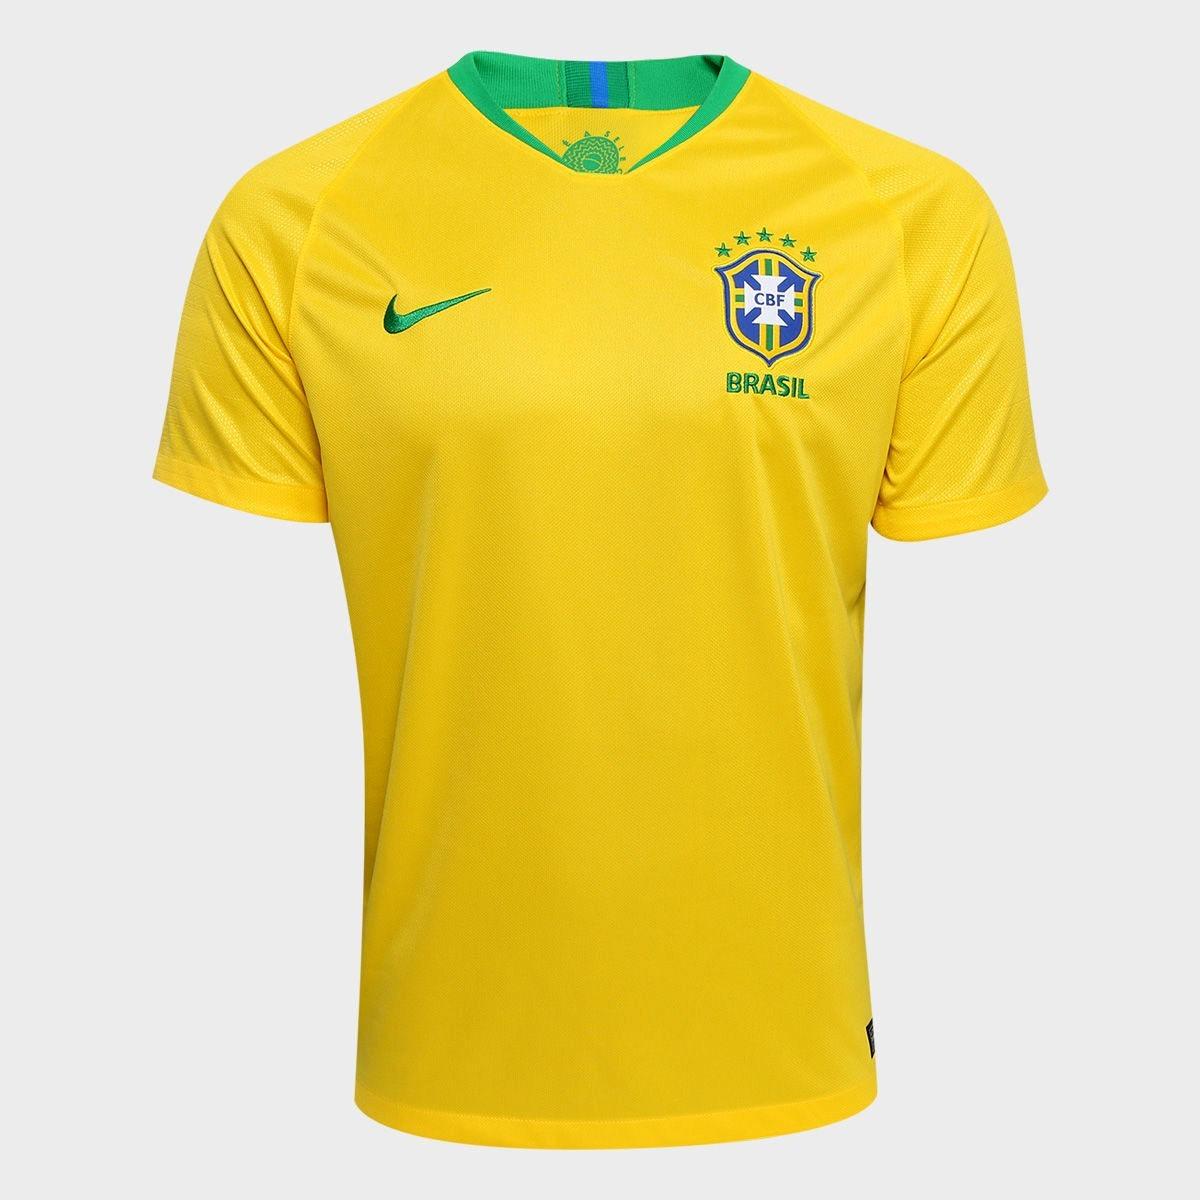 camiseta seleção brasileira oficial 2018 super promoção. Carregando zoom. ca9d6e64ec092